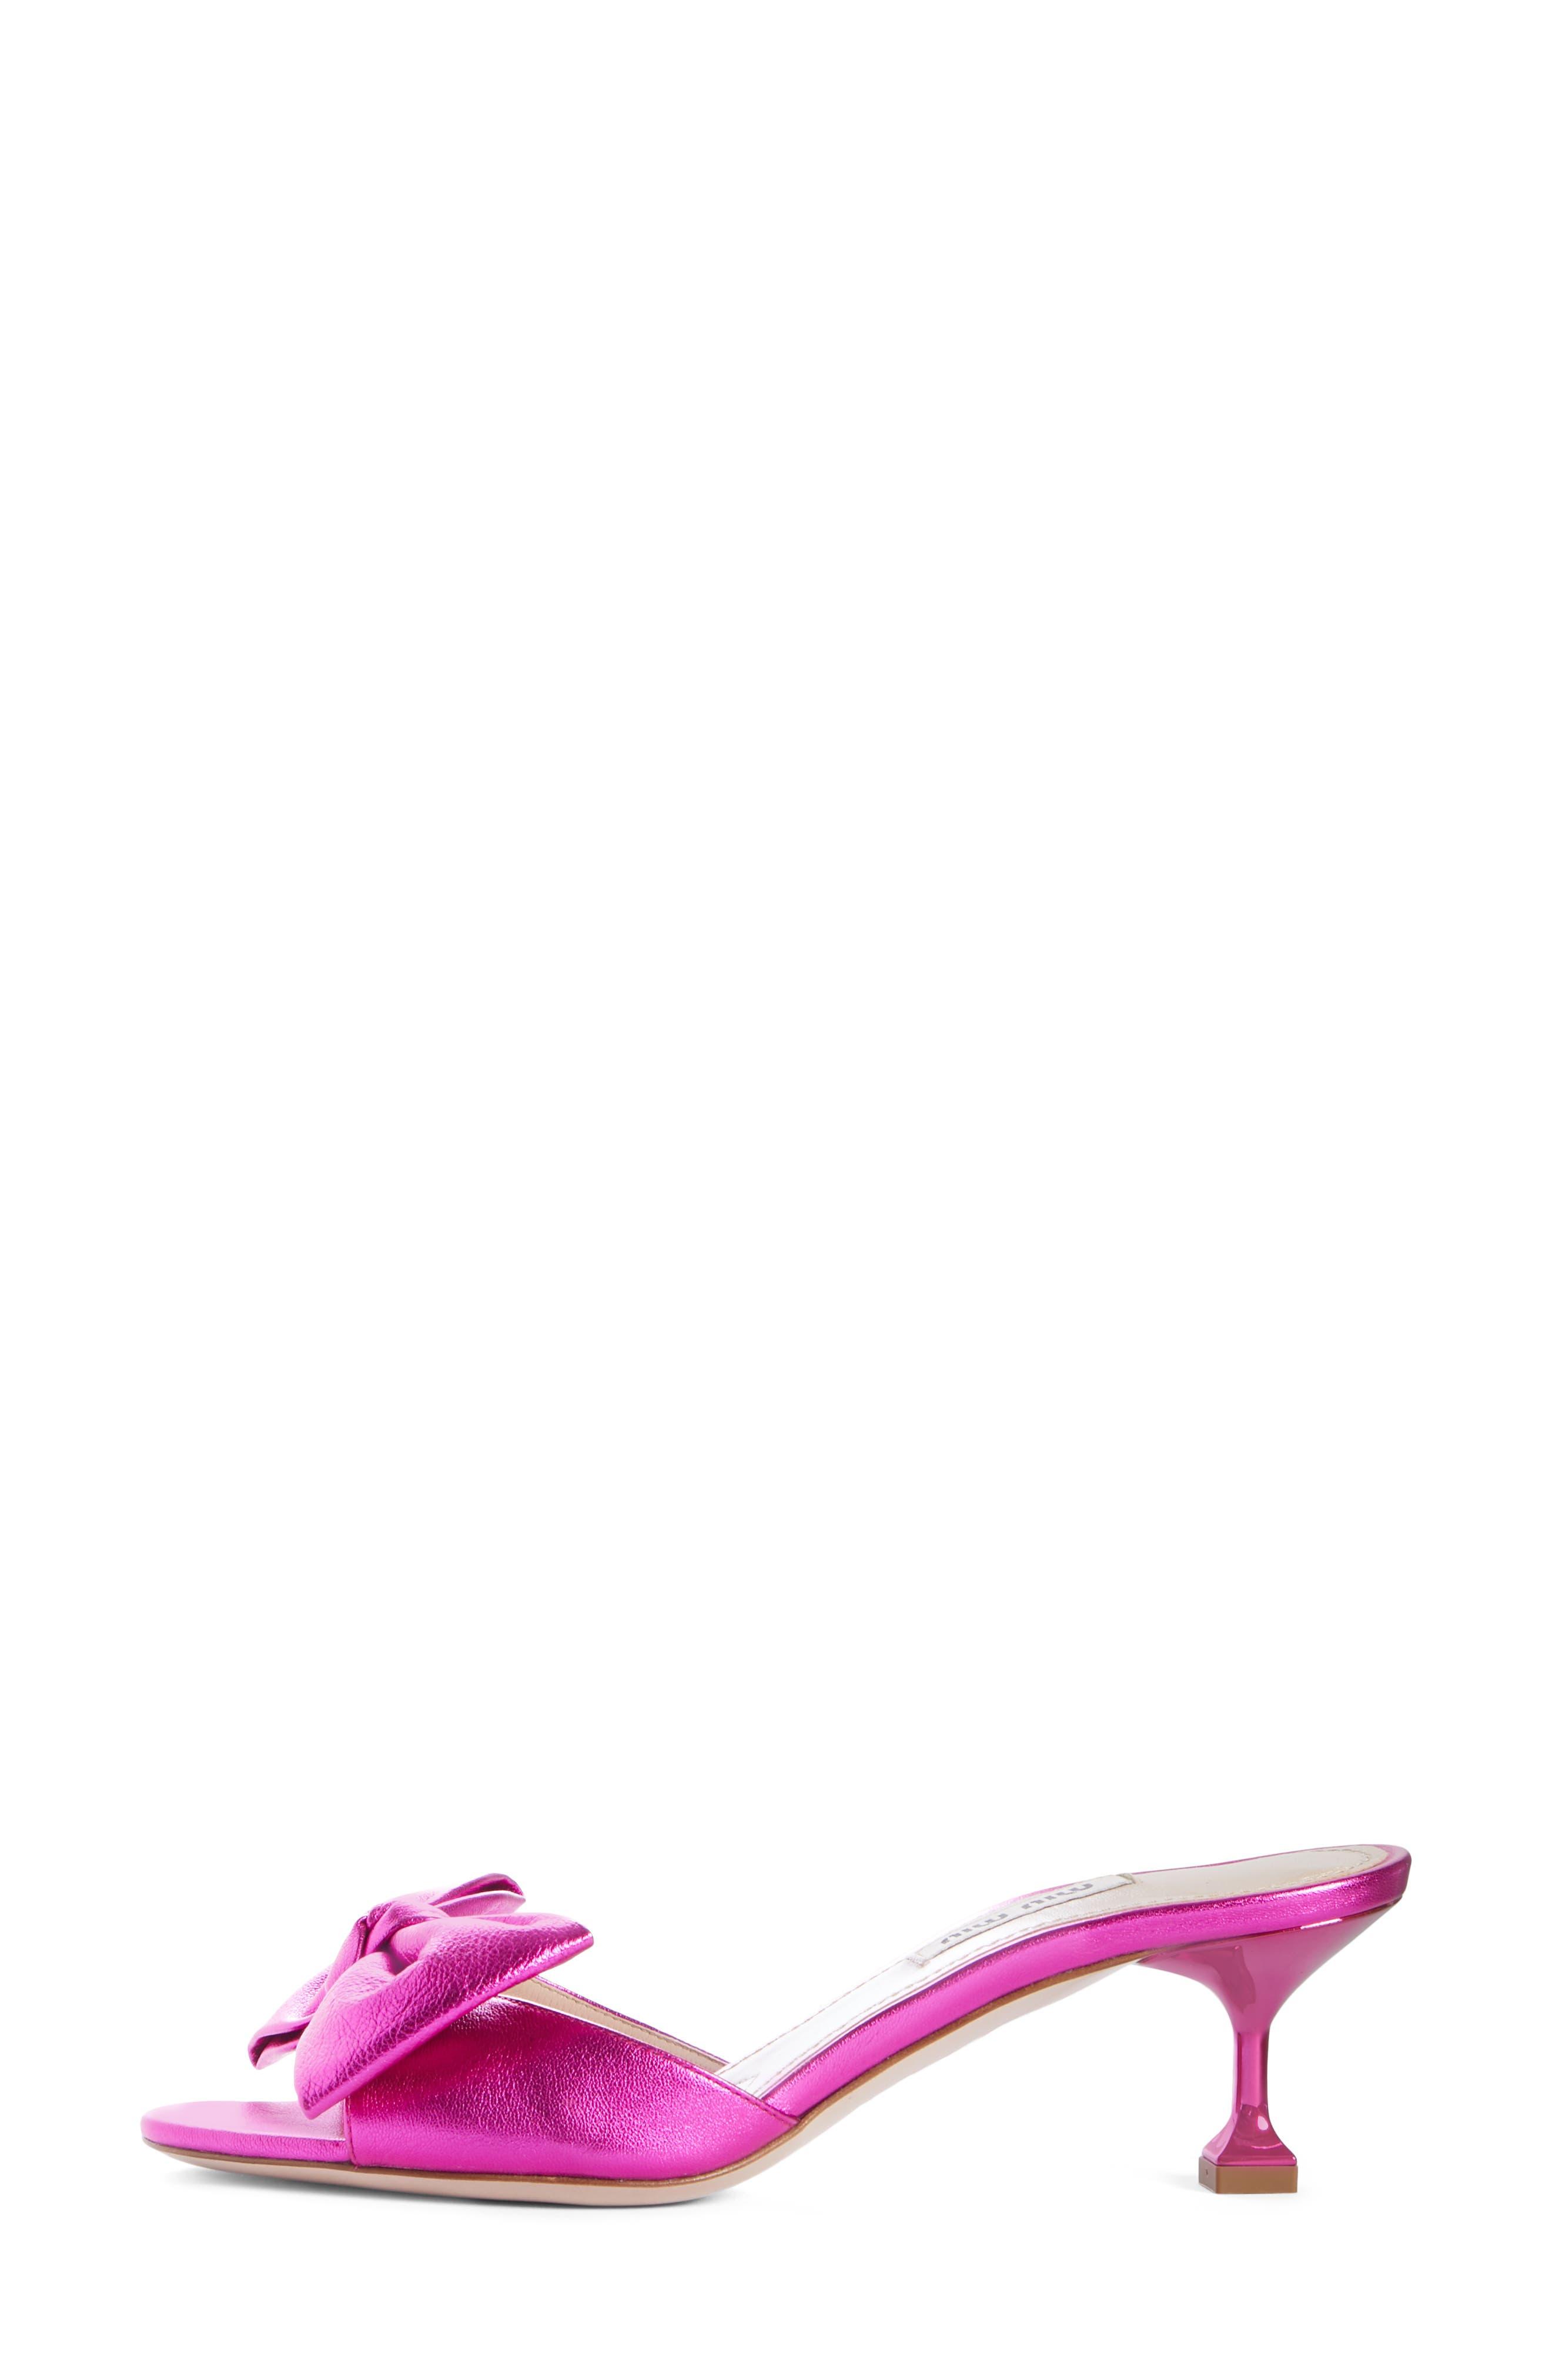 Bow Slide Sandal,                             Alternate thumbnail 3, color,                             FUCHSIA